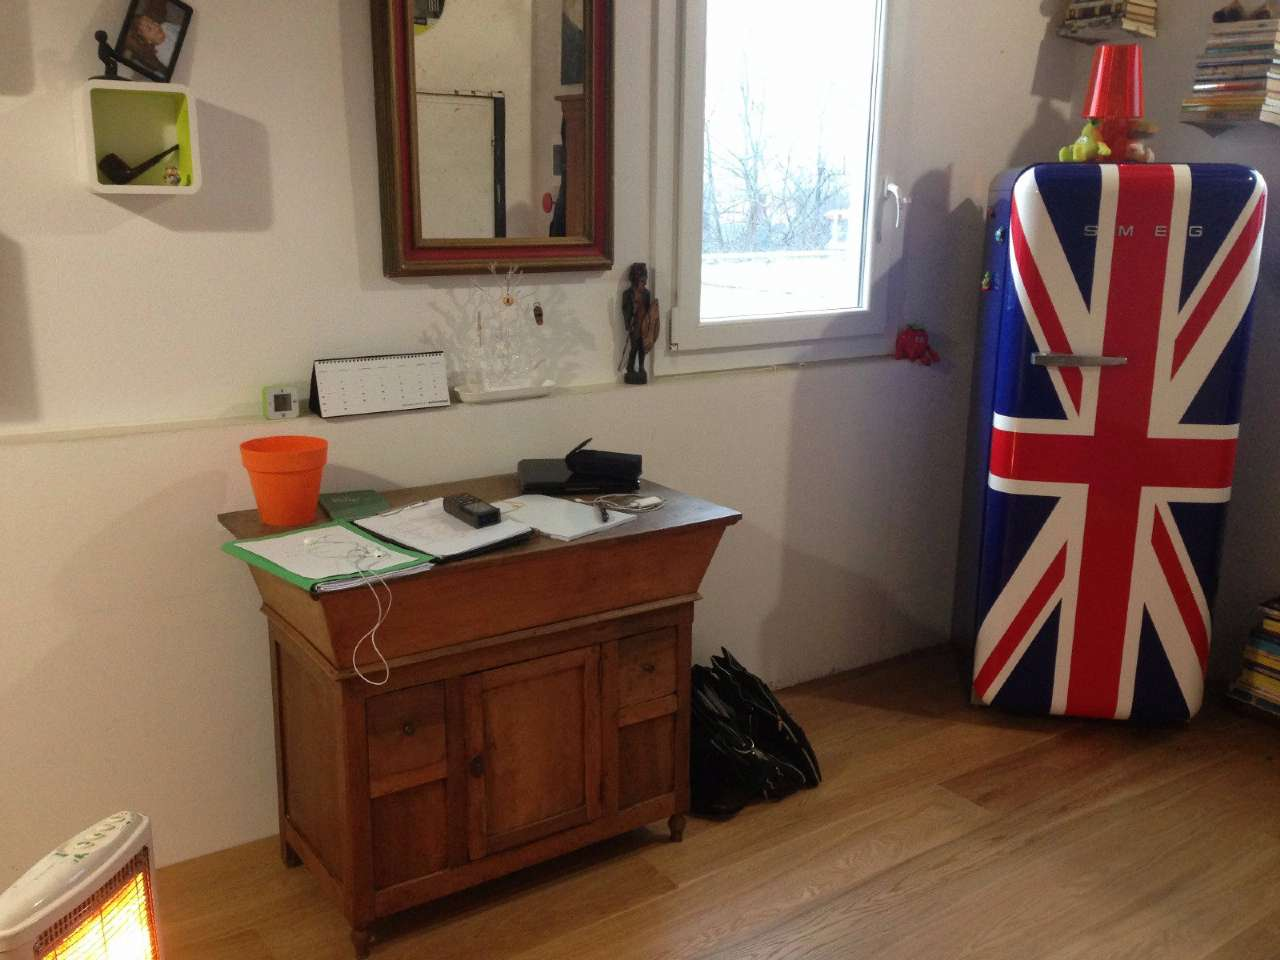 Appartamento in vendita a Santa Croce sull'Arno, 1 locali, prezzo € 40.000 | Cambio Casa.it